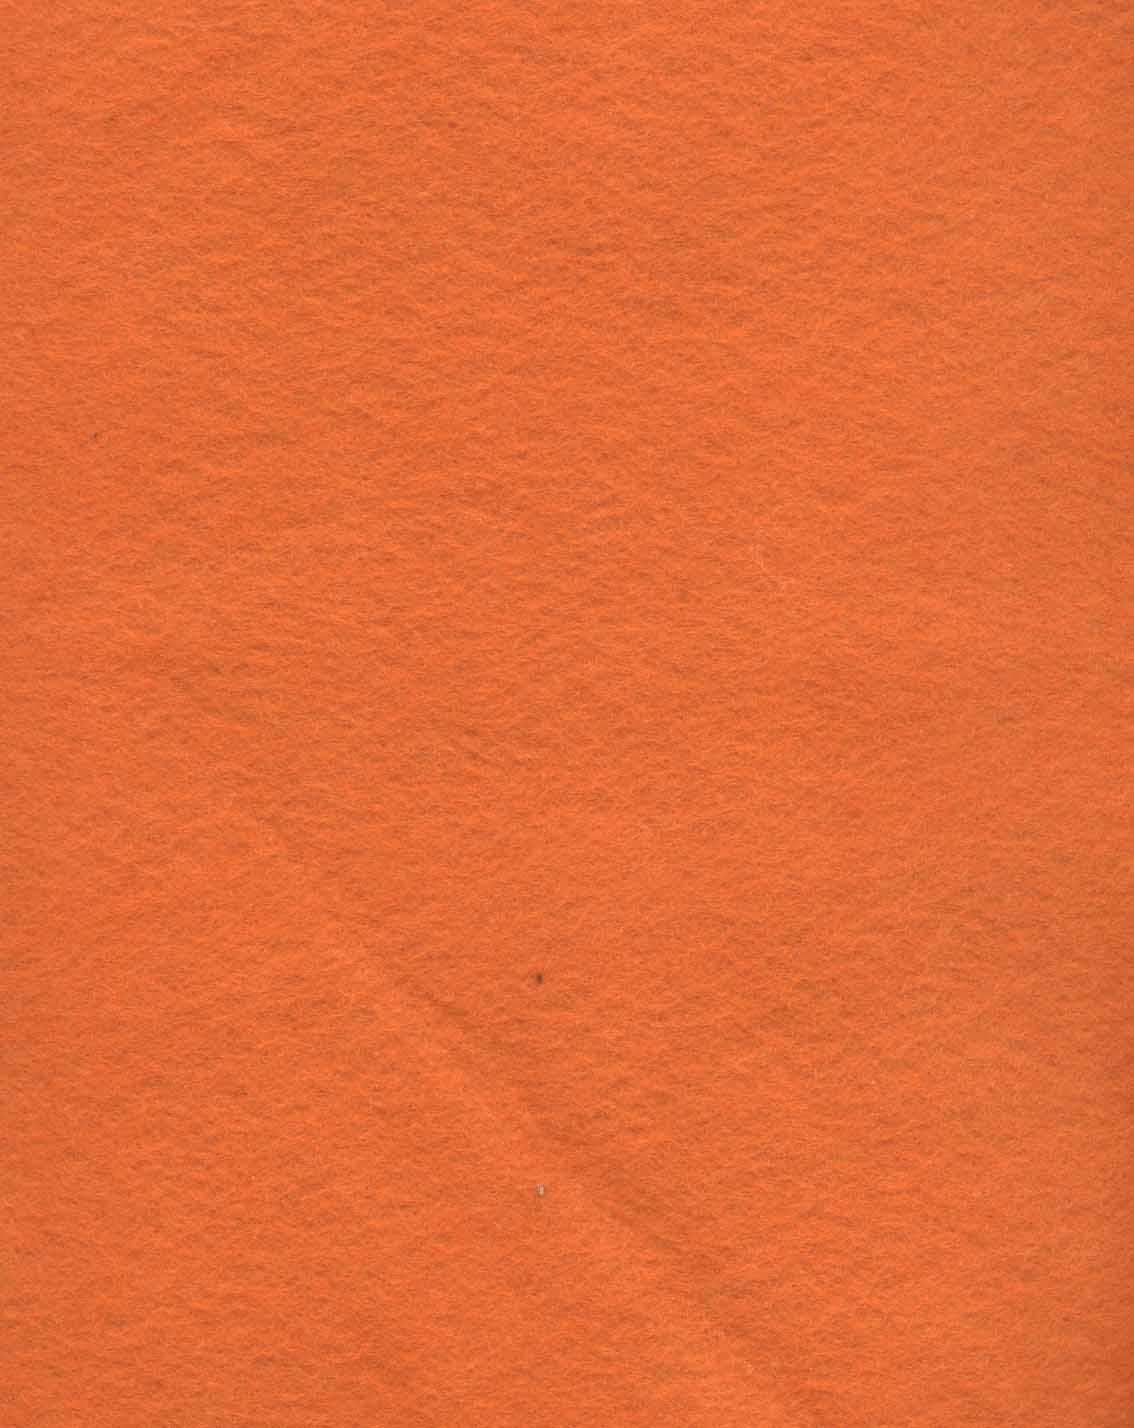 کیف پارچه ای بزرگ 41*49 (کد 234)